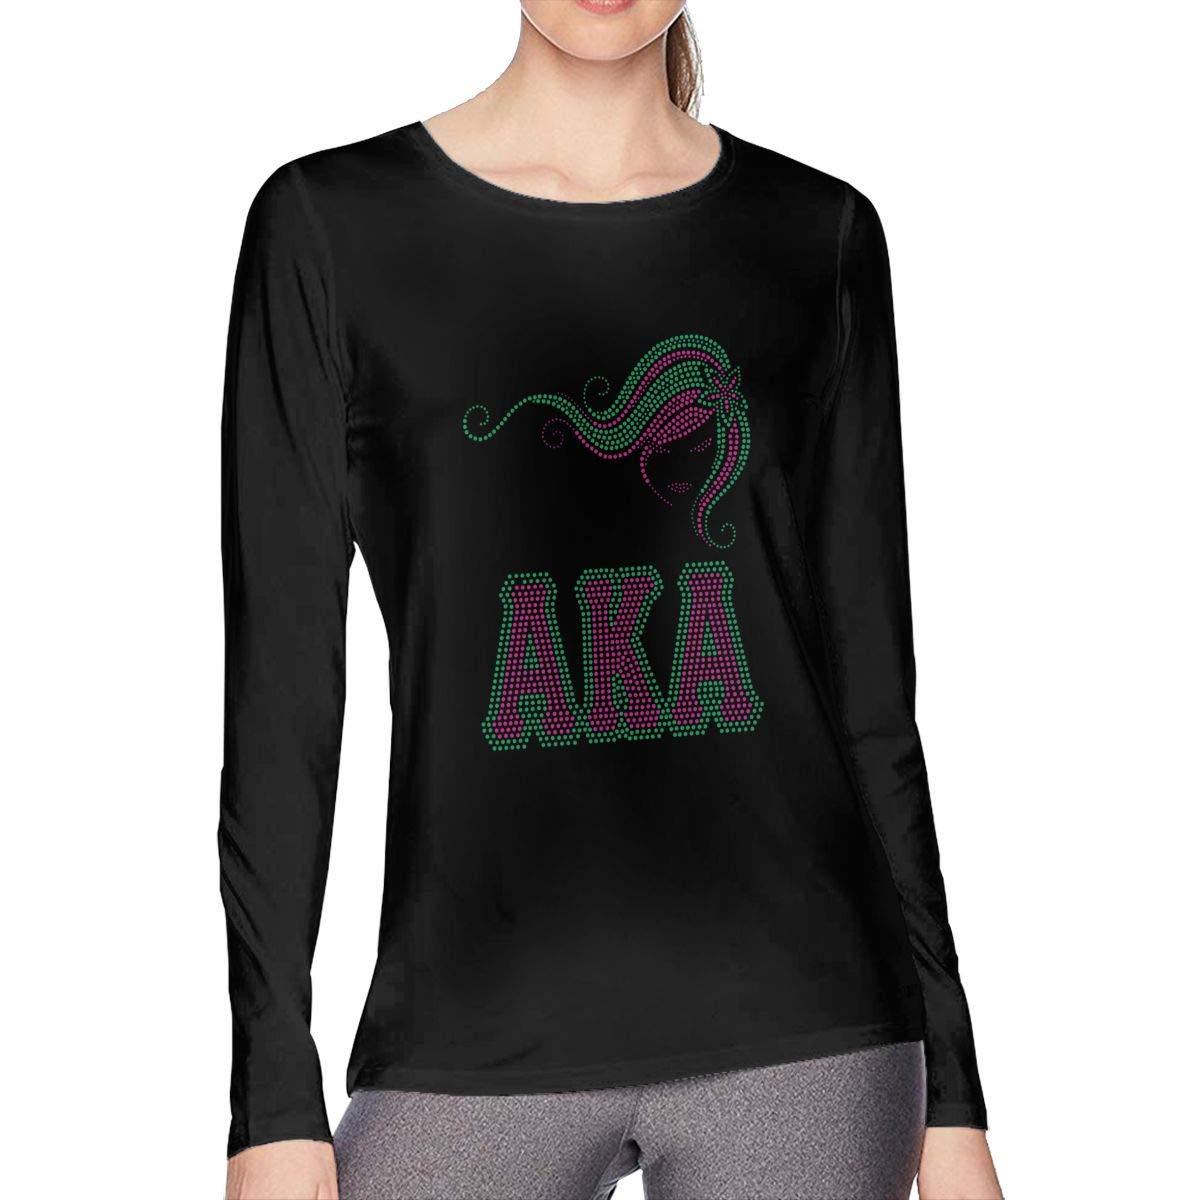 Piyoupinini Aka Sorority Girl Womans Tshirts